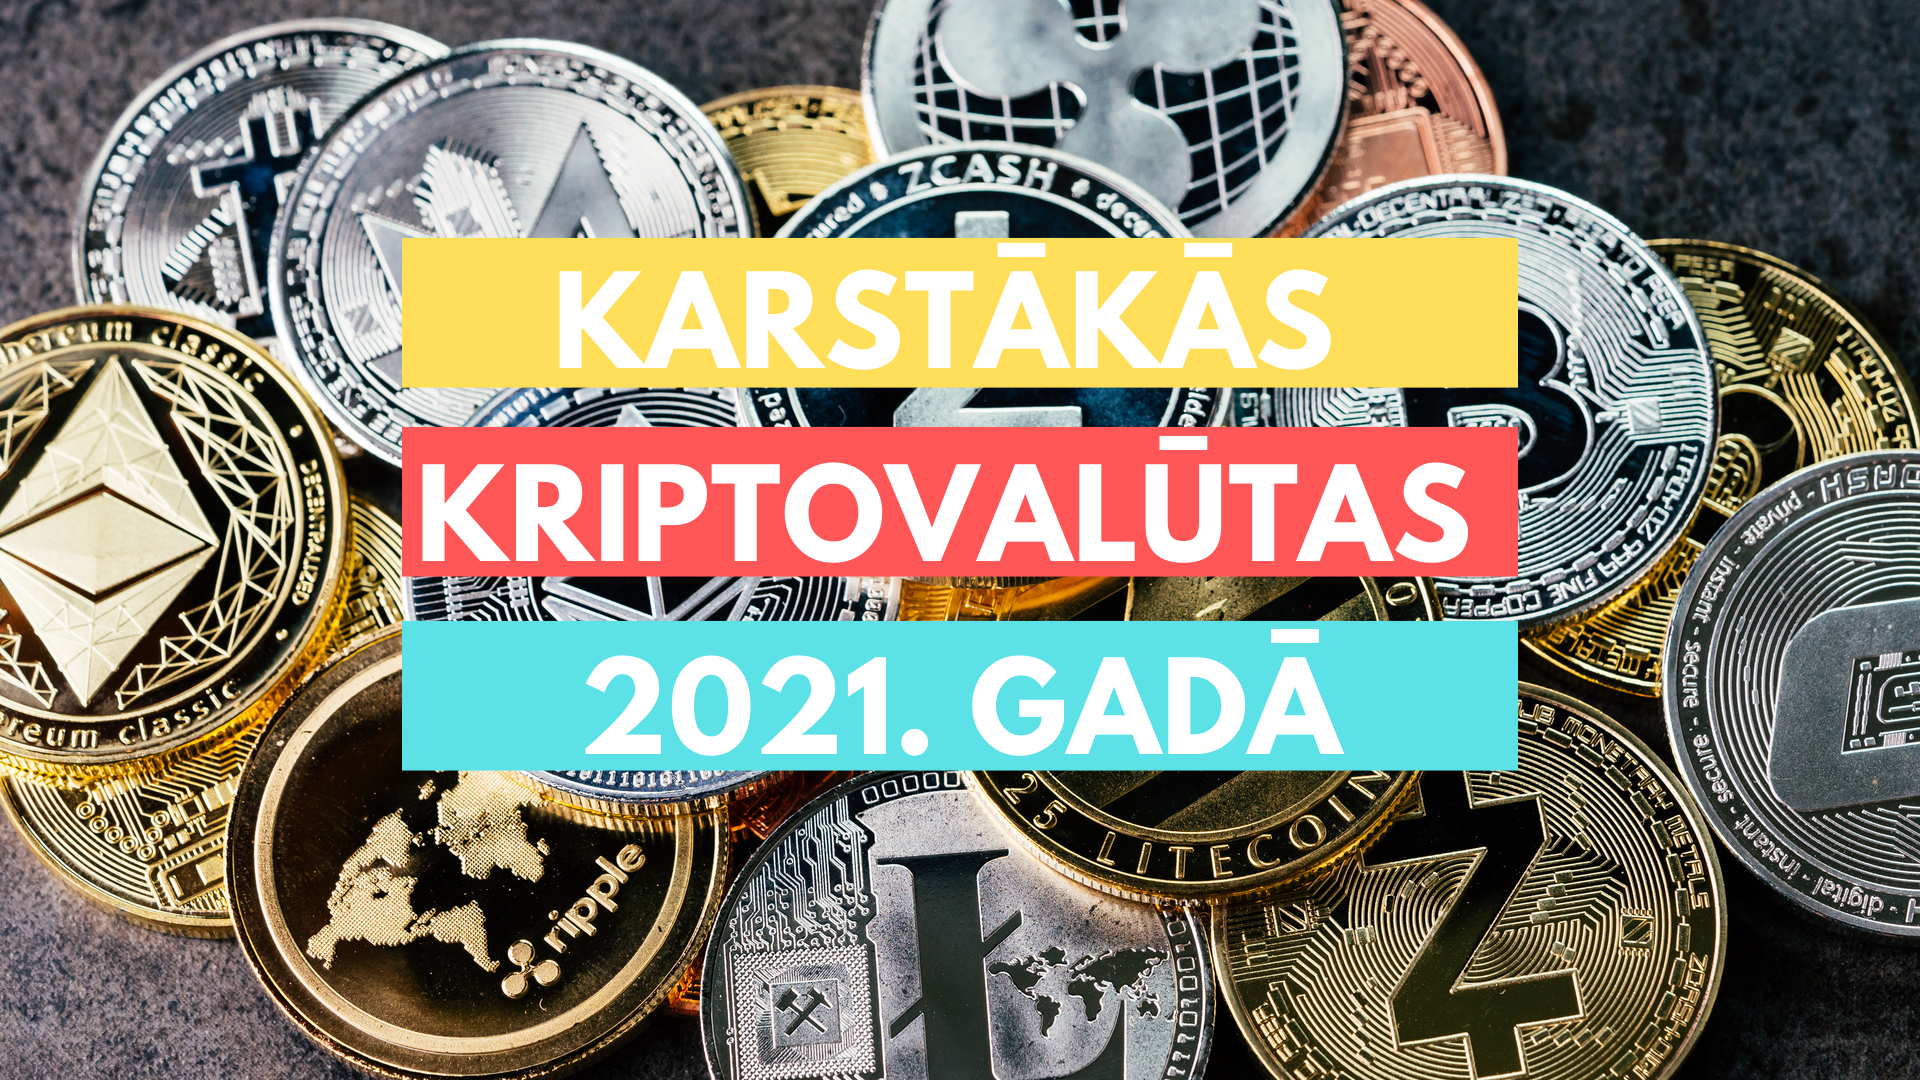 5 lētas Kriptovalūtas, kas eksplodēs 2021. gadā